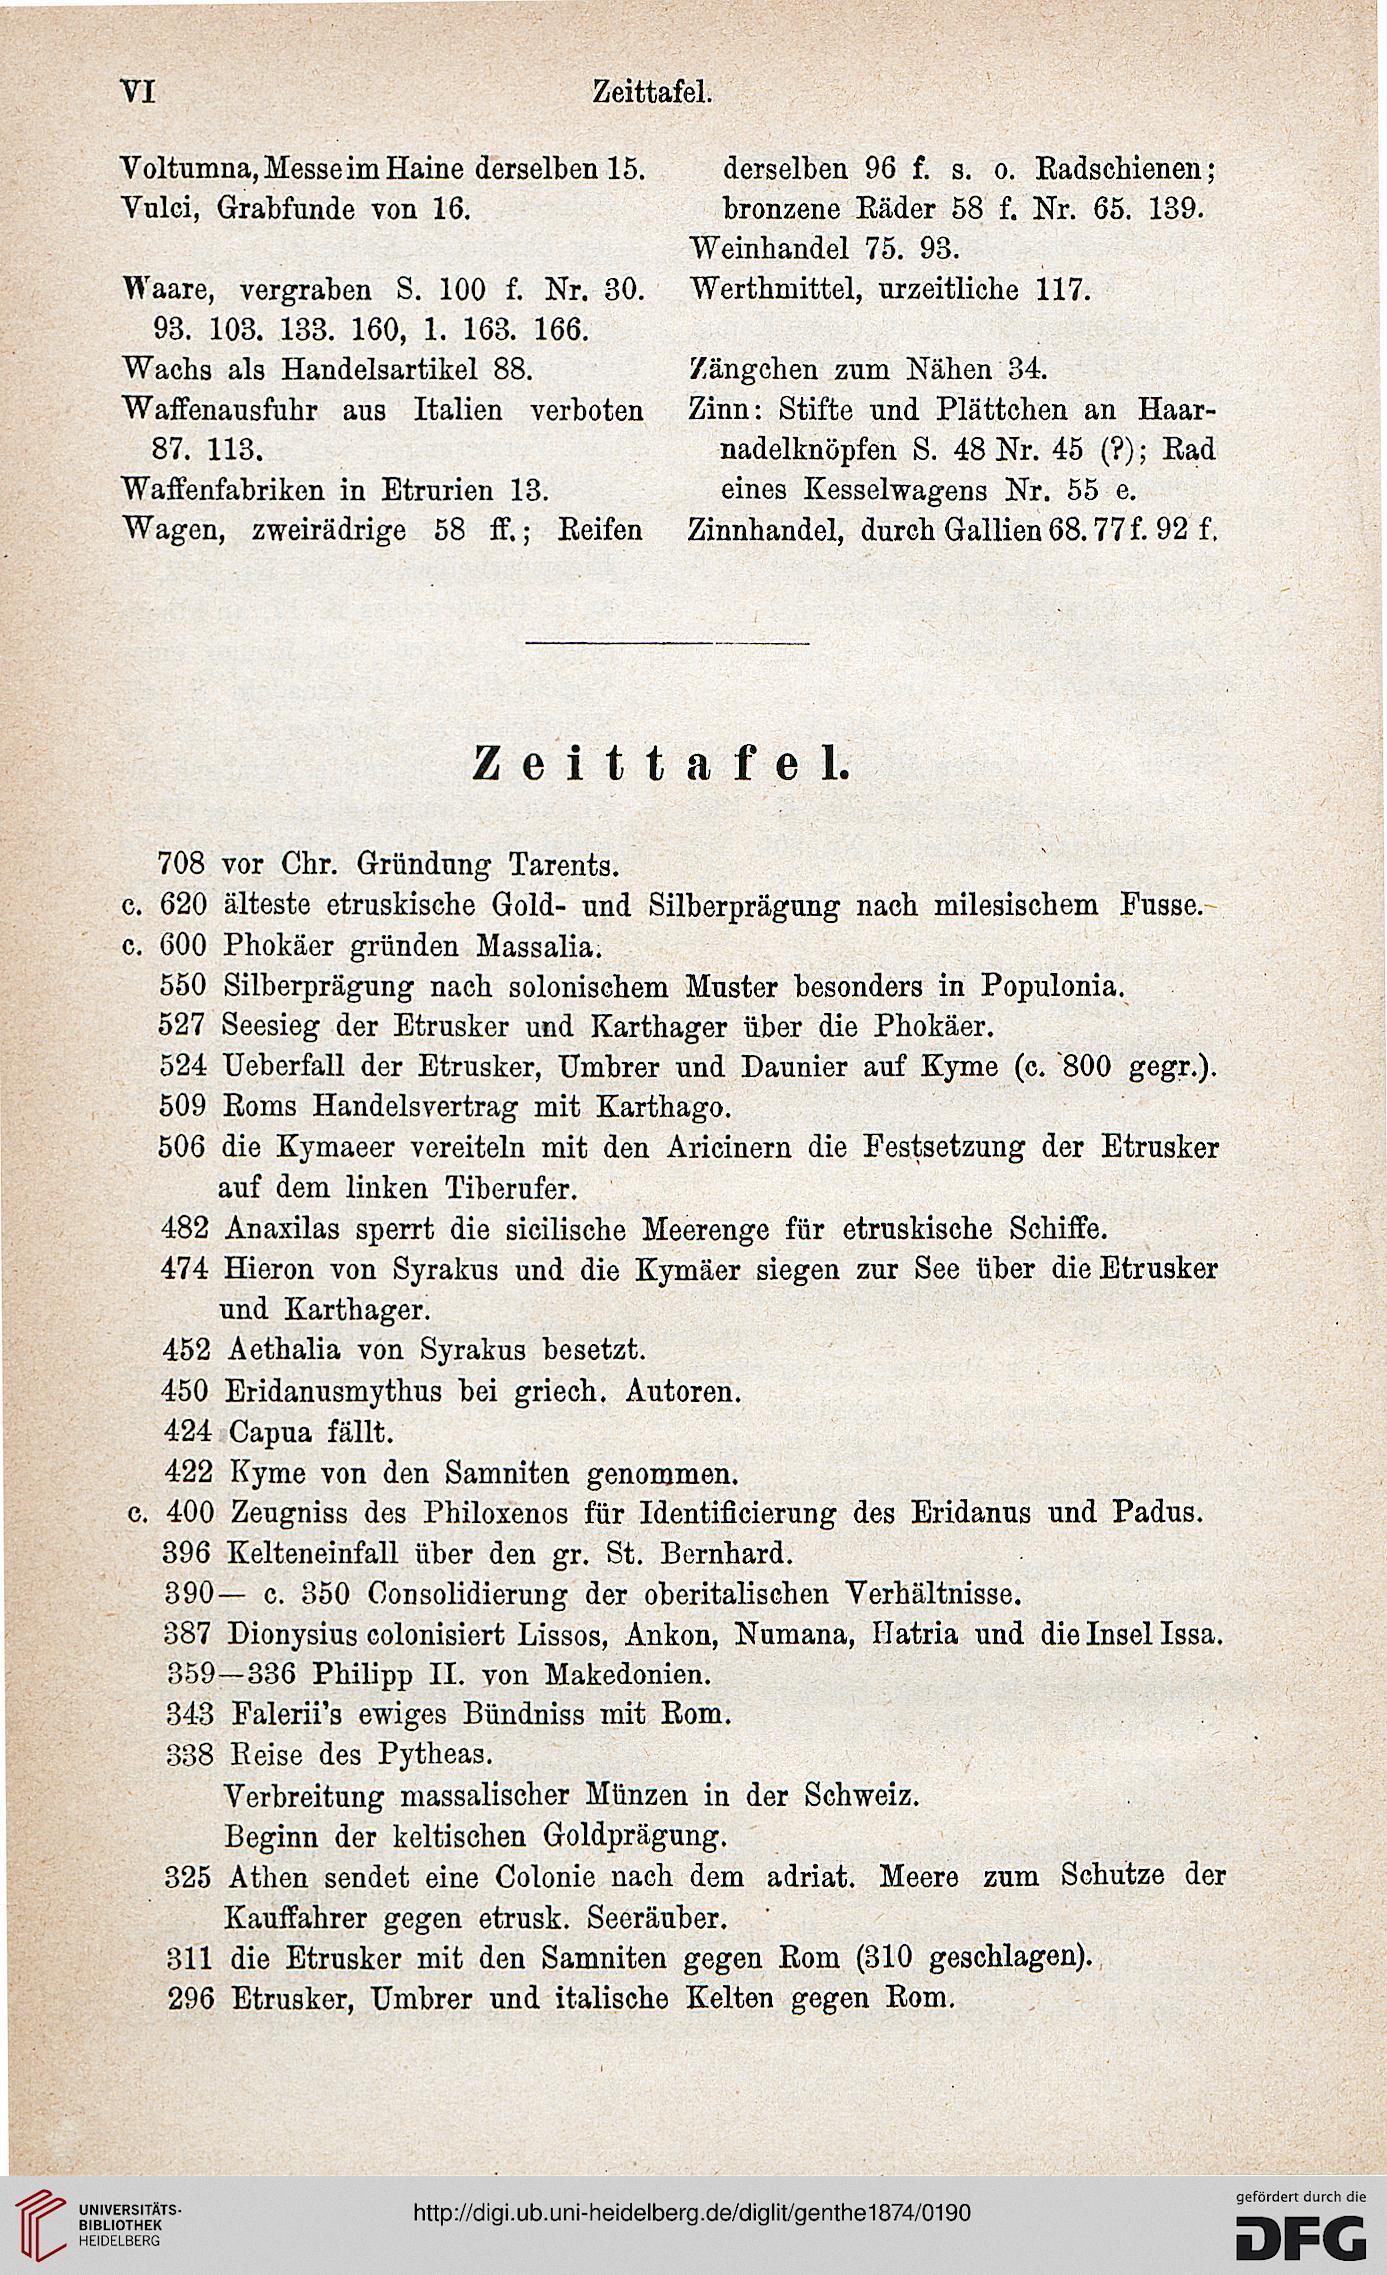 Genthe Hermann Ueber Den Etruskischen Tauschhandel Nach Dem Norden